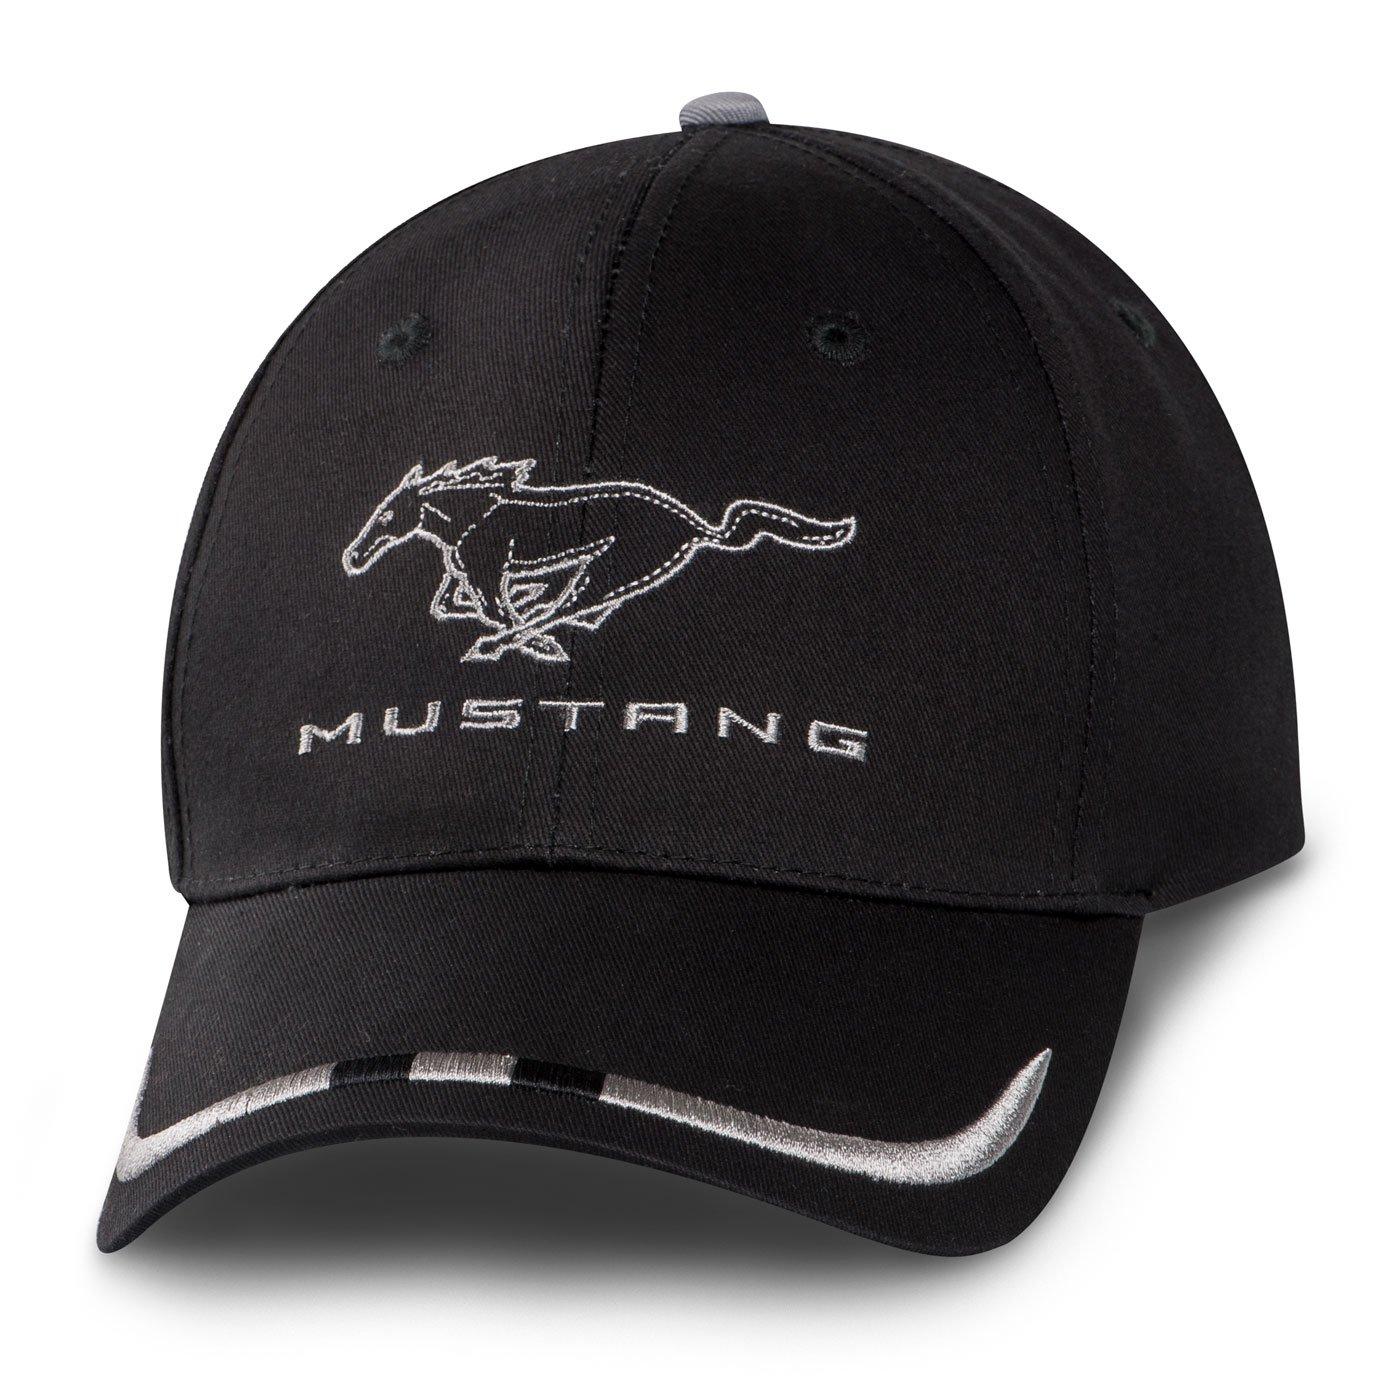 Ford Mustang Black Racing Baseball Cap